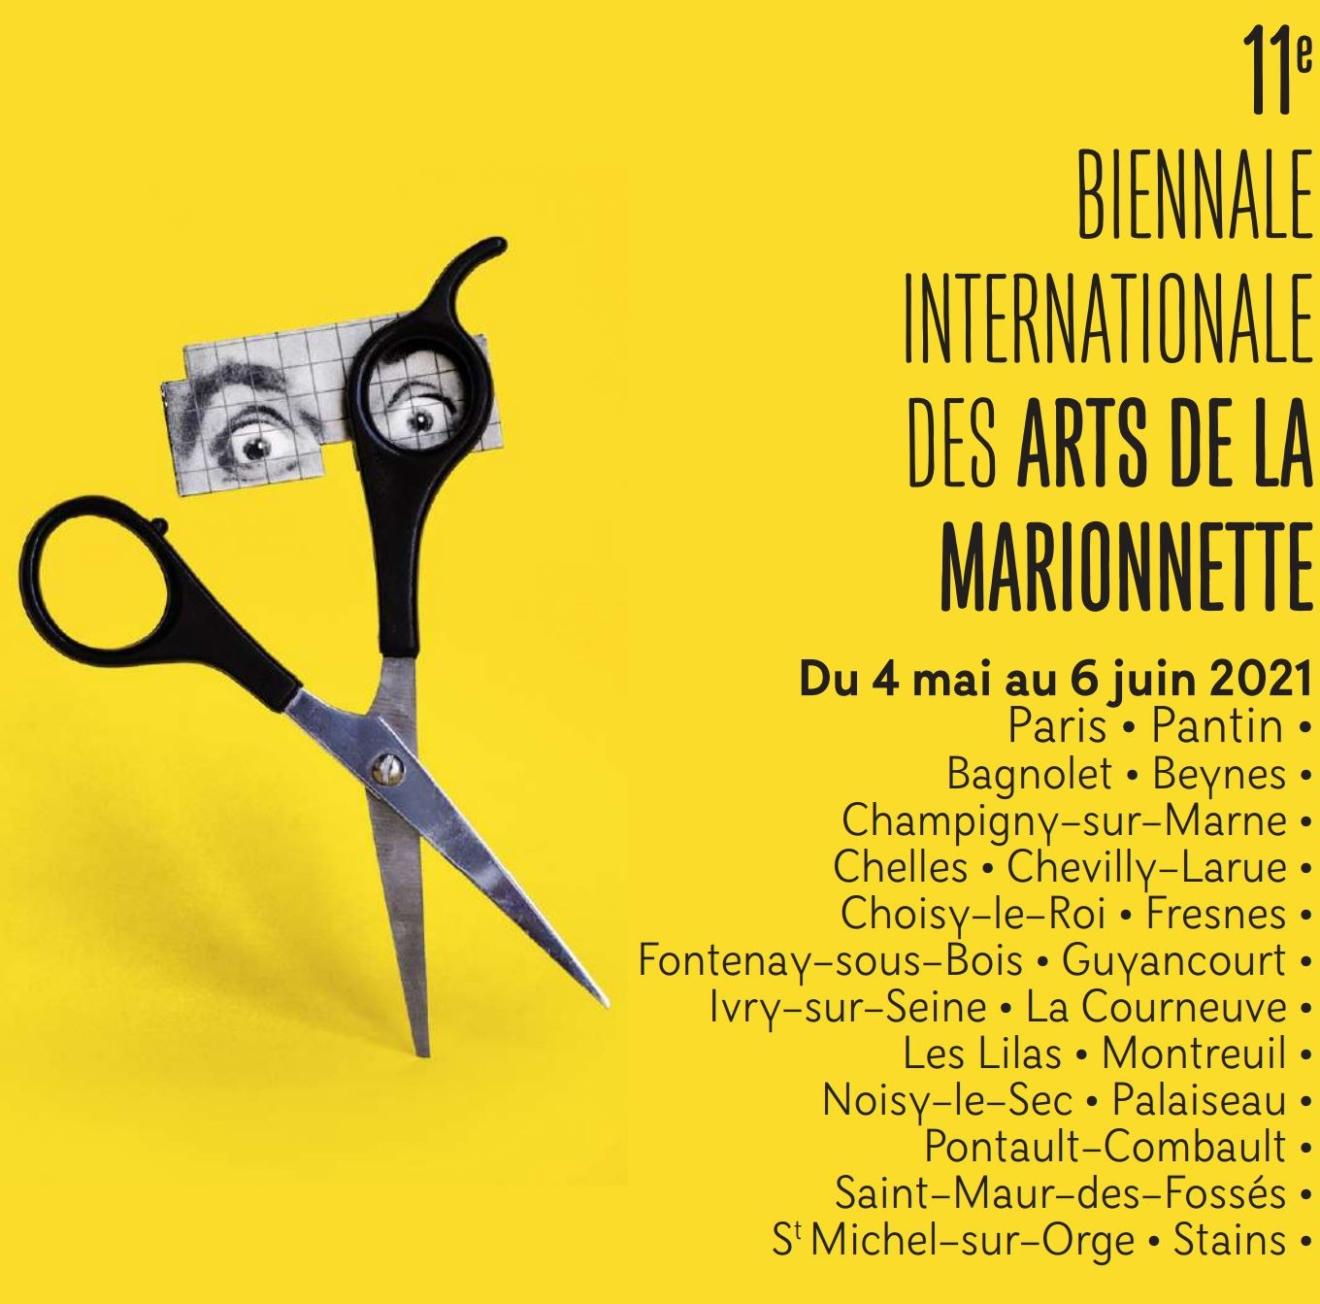 Marta Cuscunà, artiste invitée de la Biennale internationale des arts de la marionnette 2021